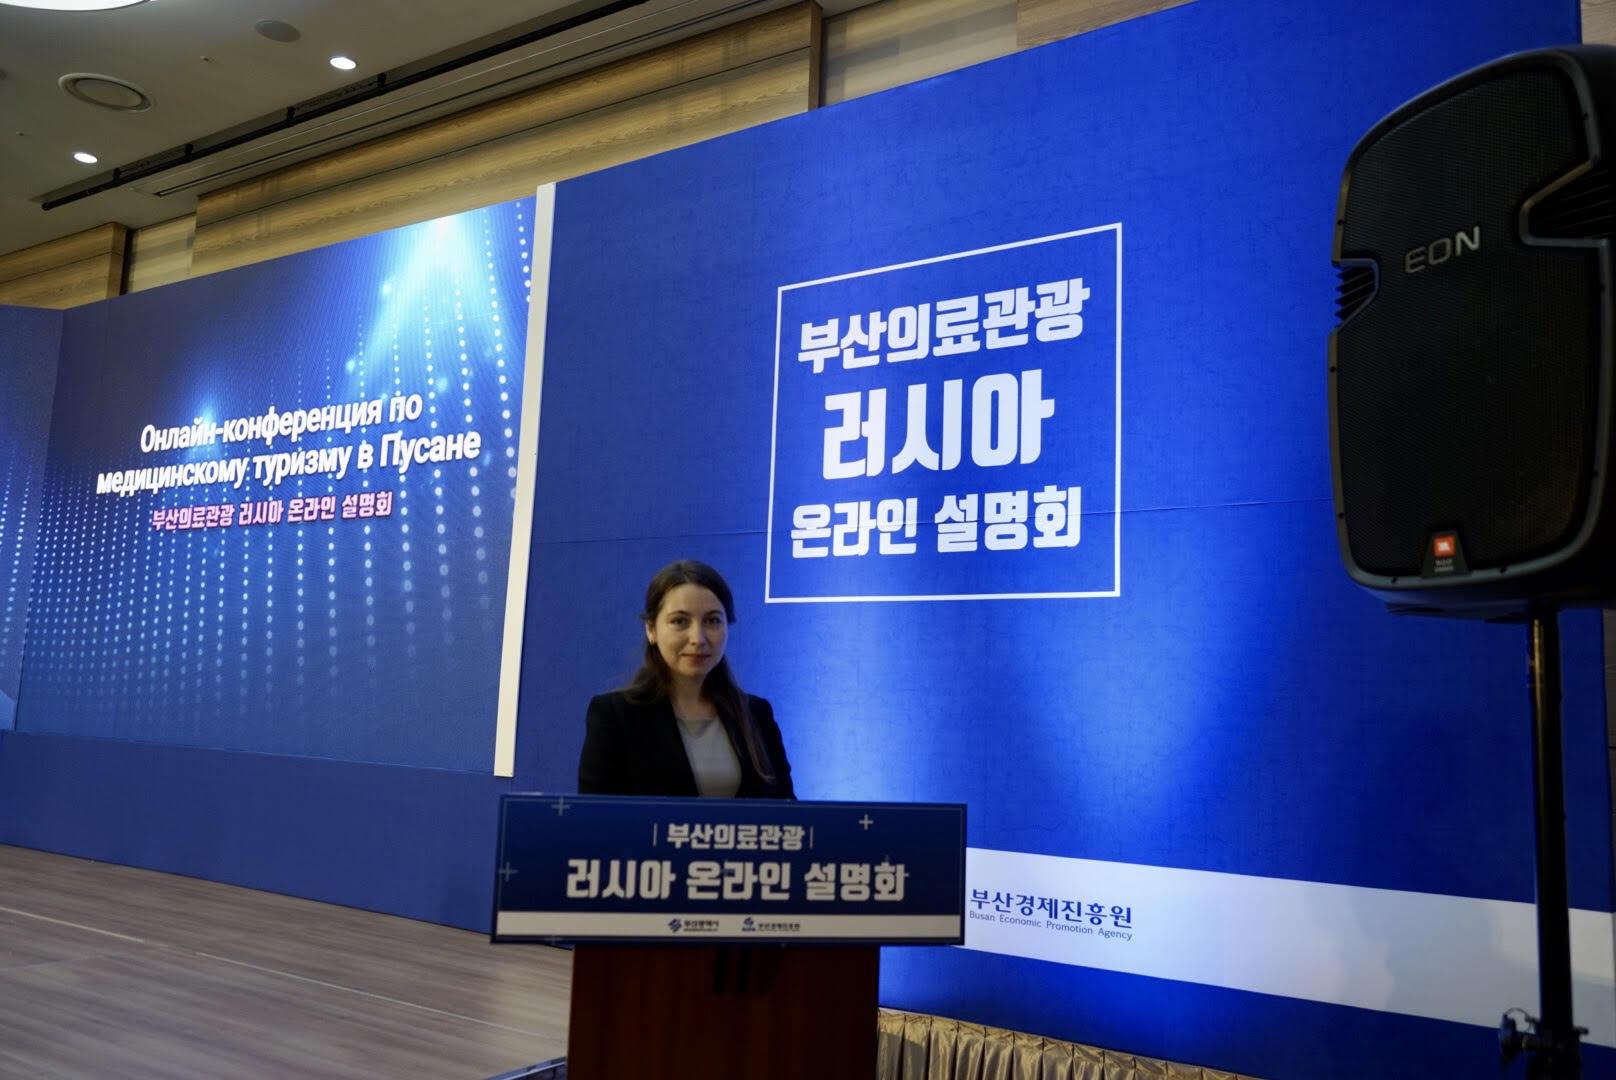 Онлайн-конференция по медицинскому туризму в Пусане